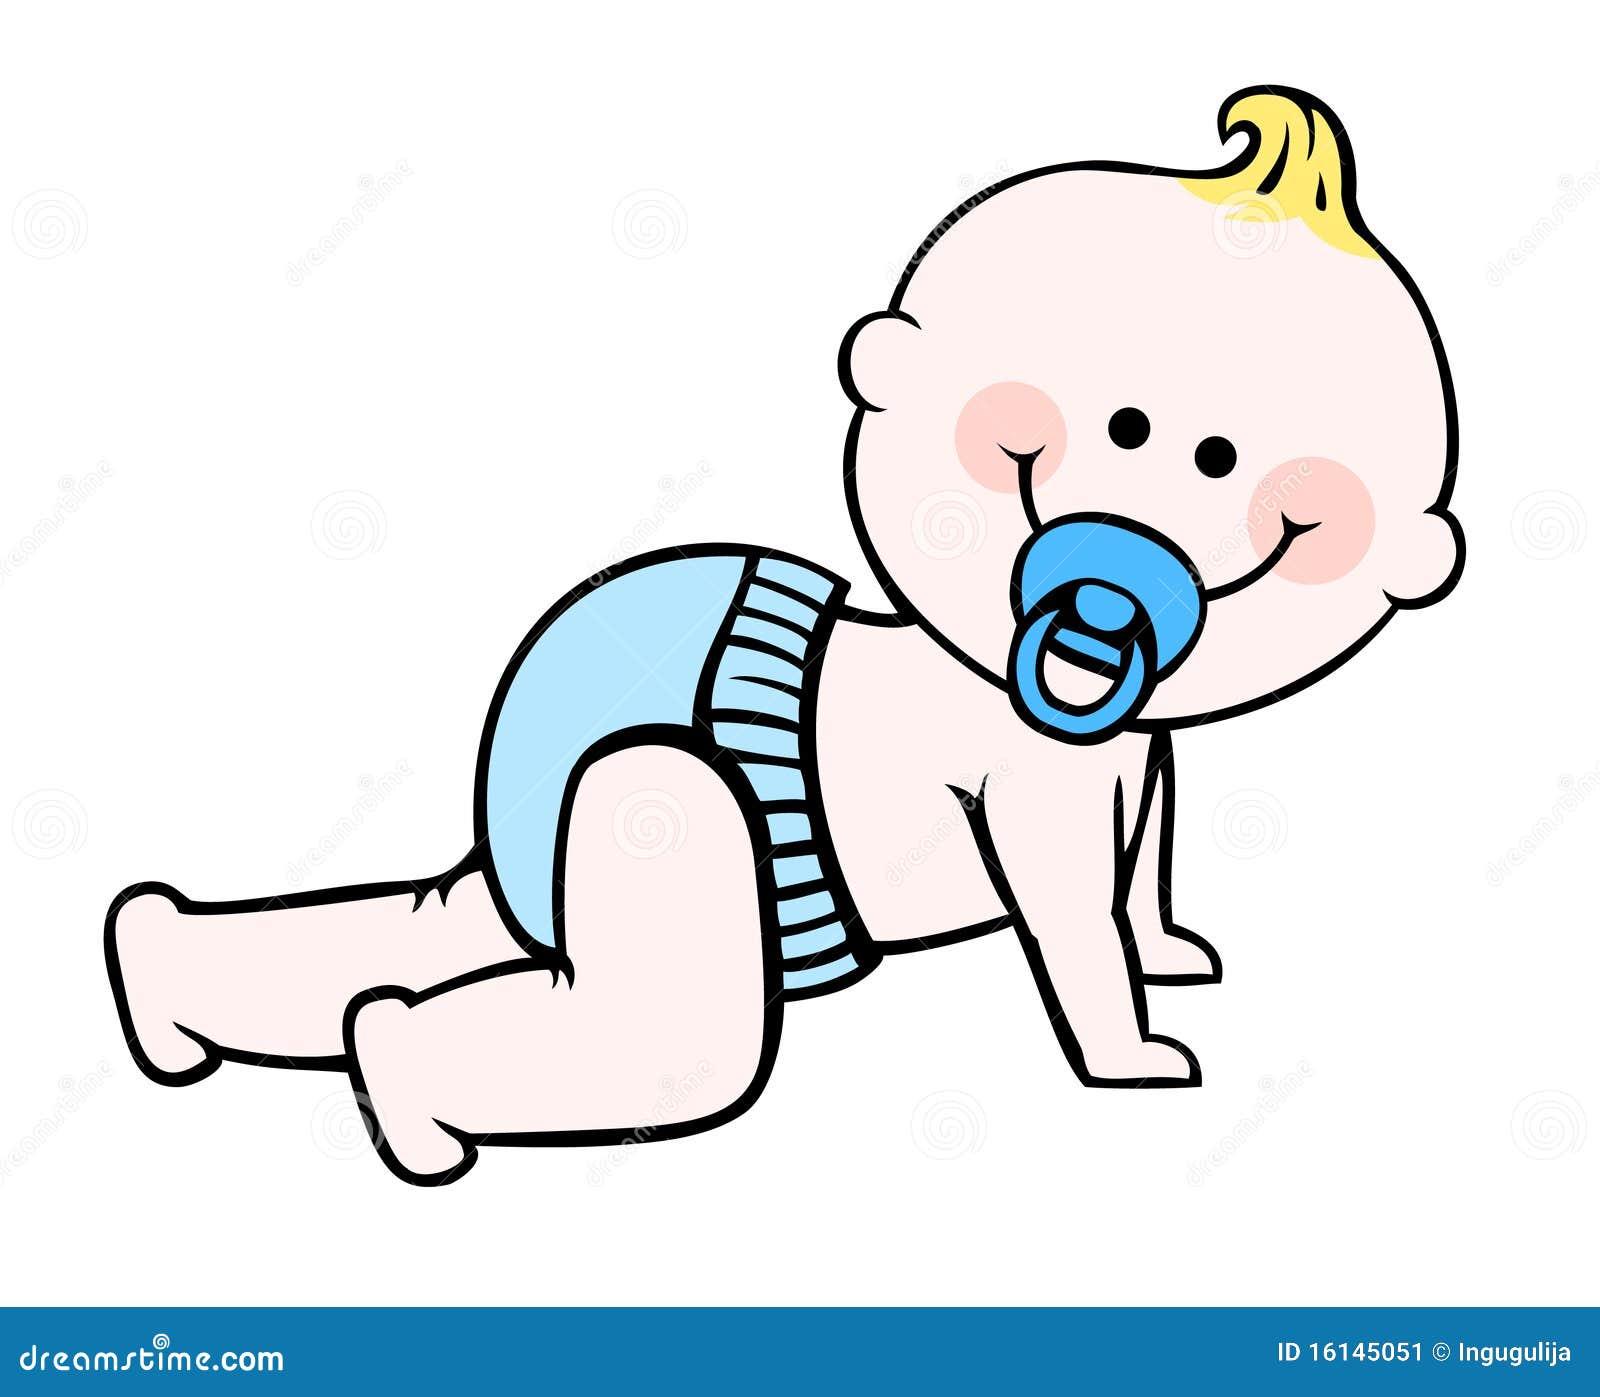 Baby Boy Stock Image - Image: 16145051